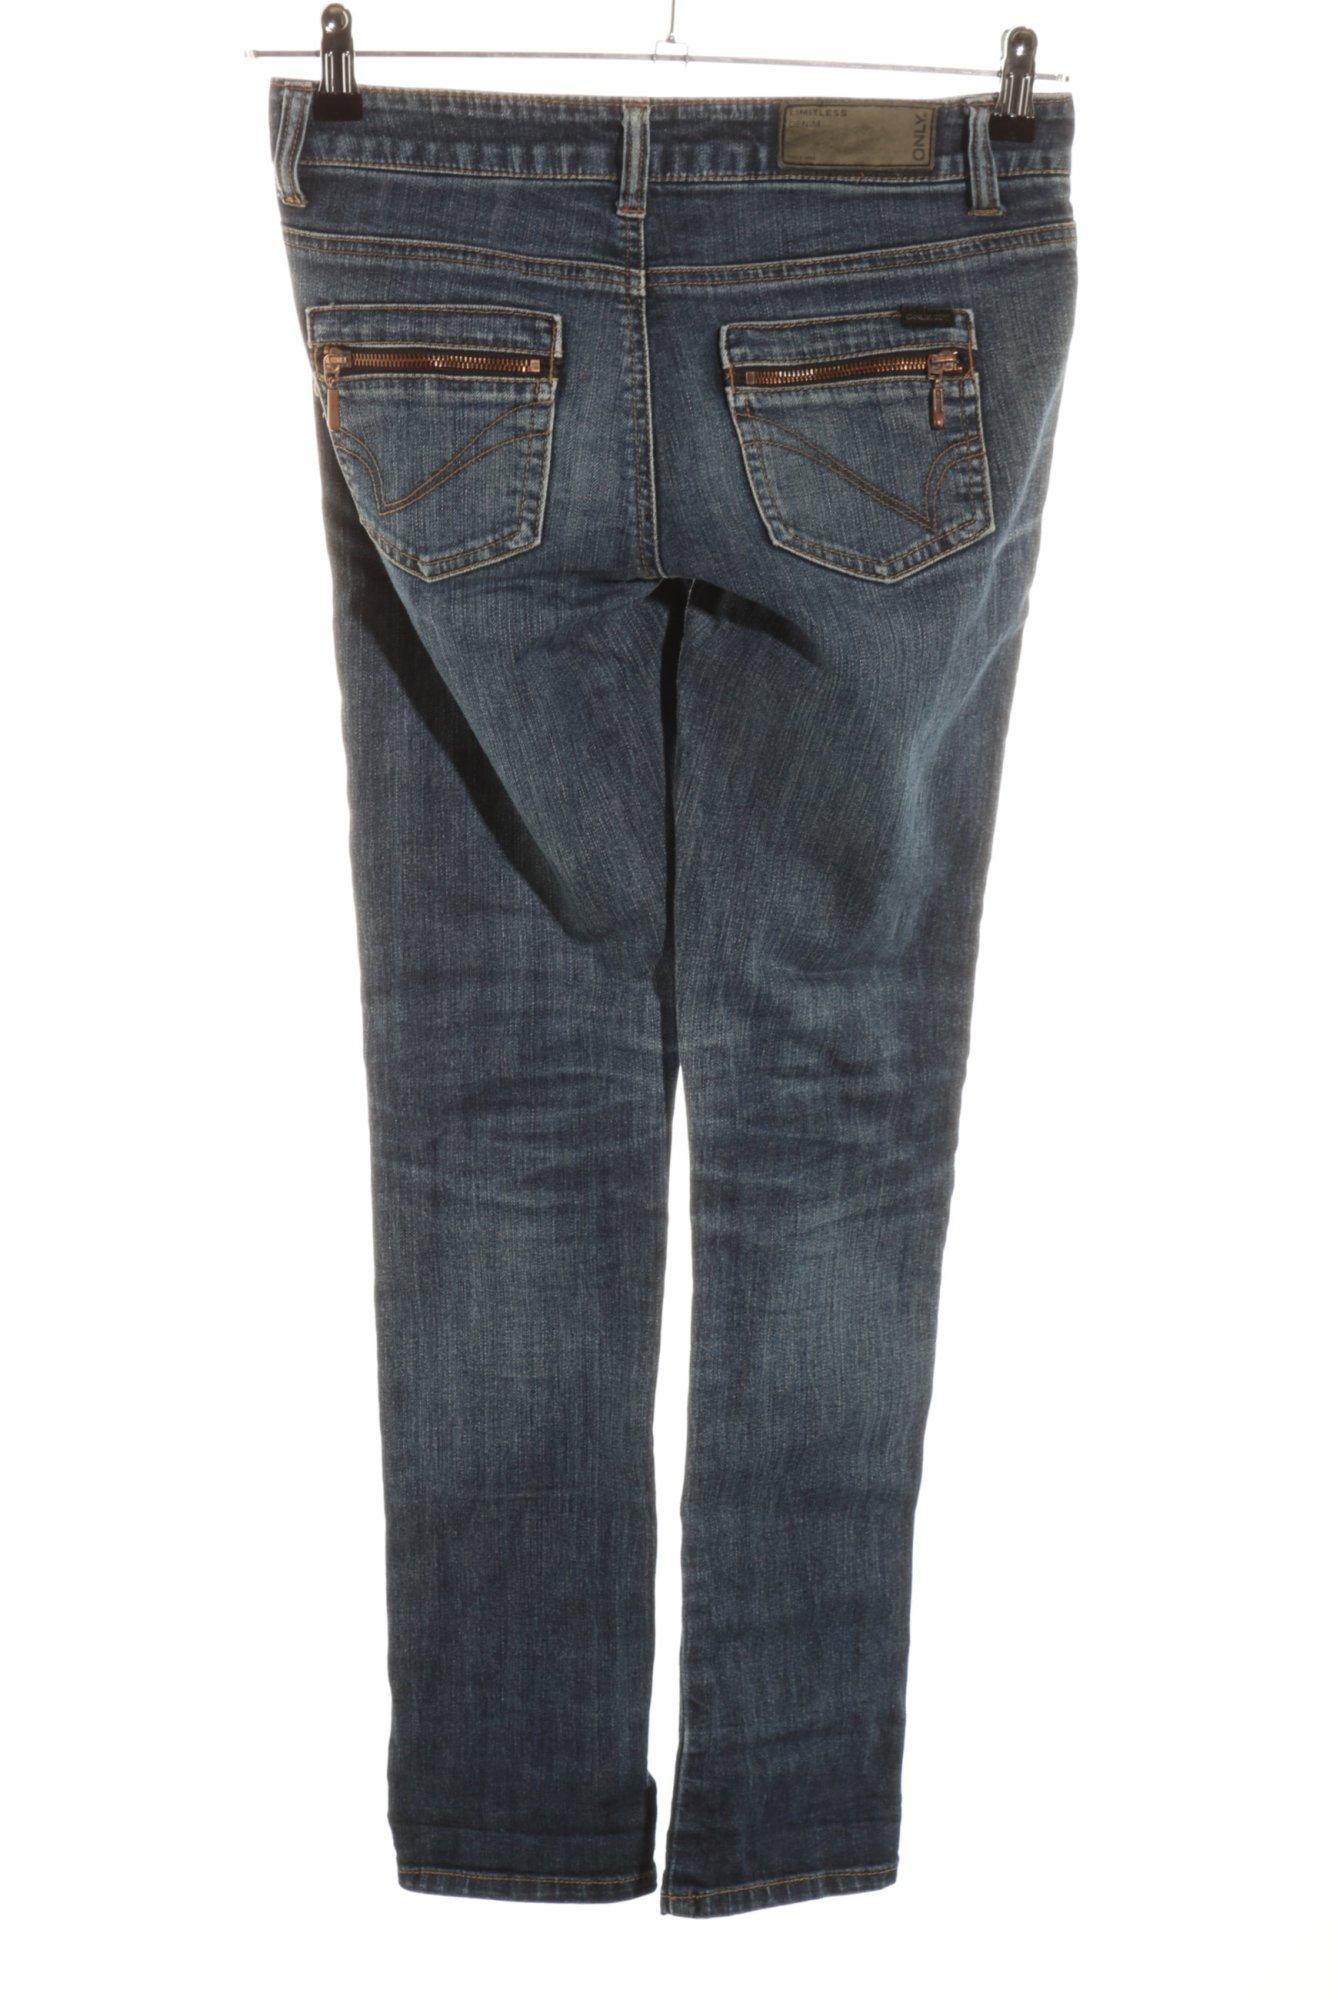 ONLY-Jeans-taille-basse-gris-clair-gradient-de-couleur-style-decontracte-Dames miniature 2